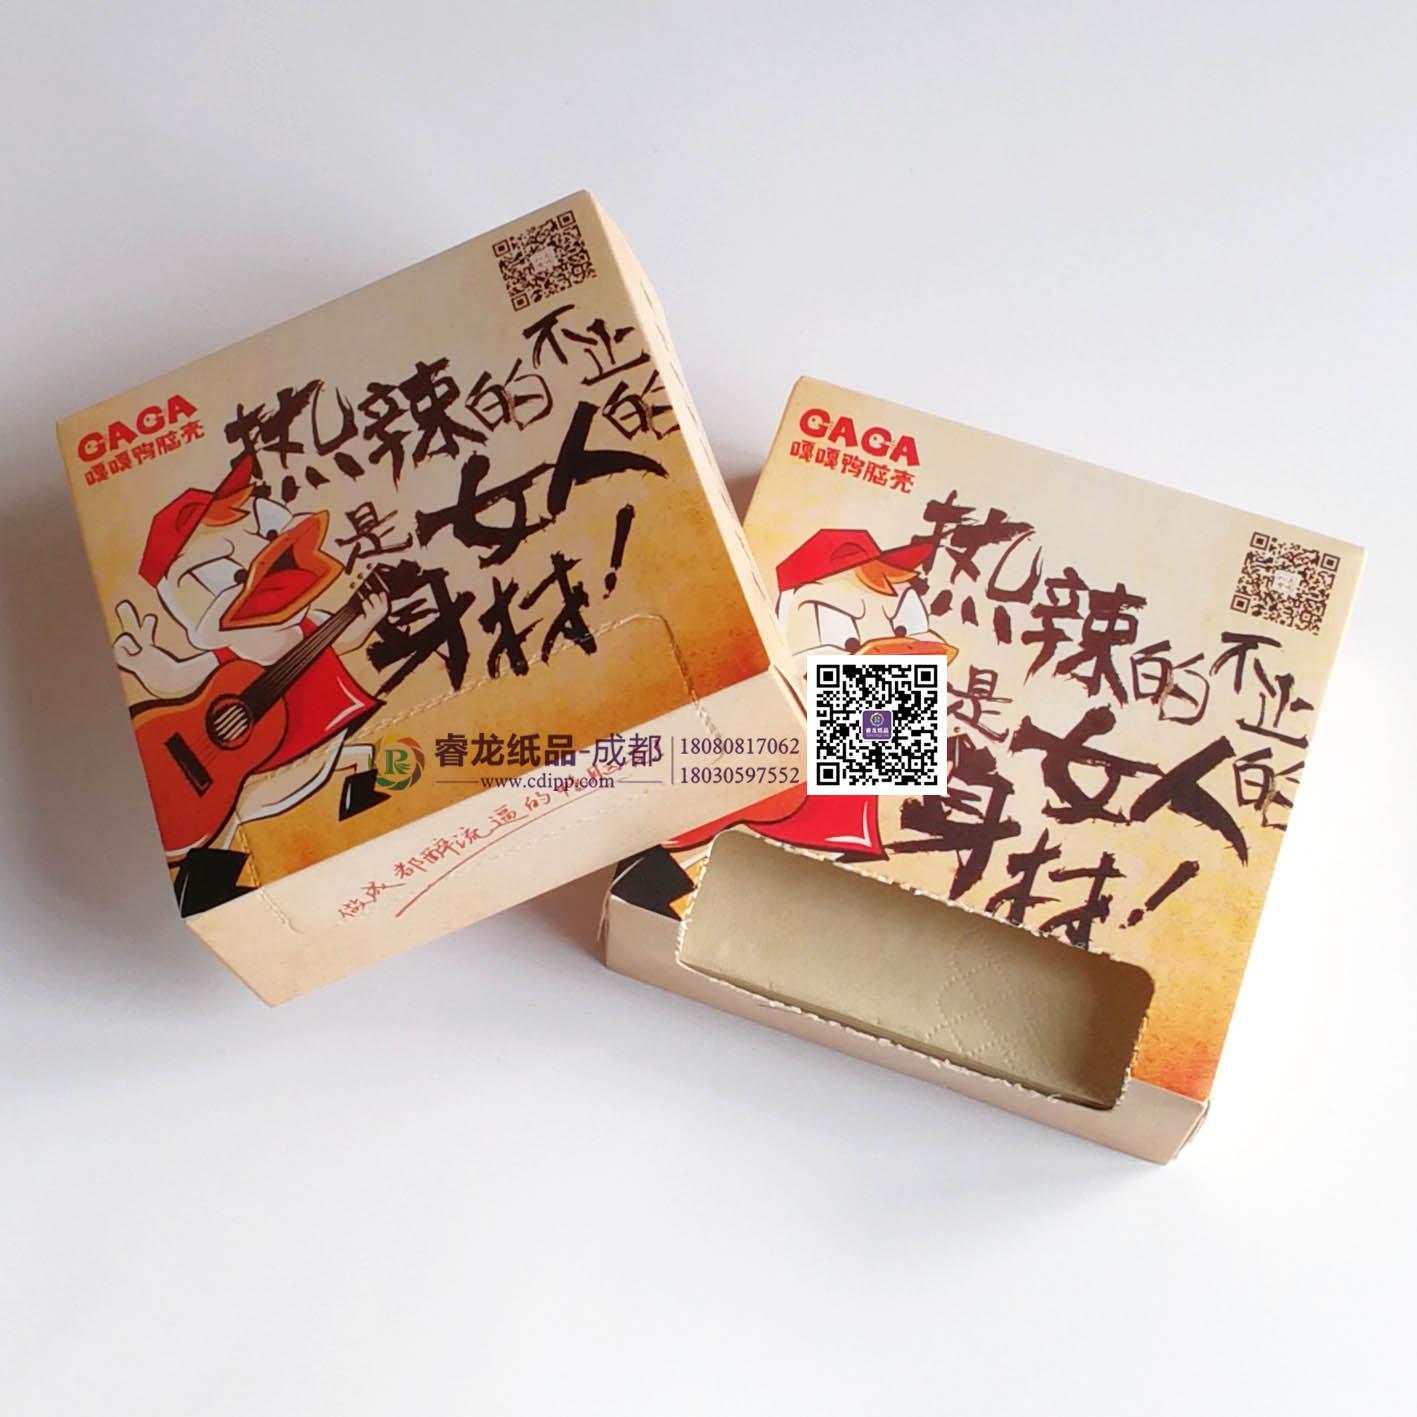 【纸巾优选】四川盒装纸巾定做▶免费设计排版✔ 印字纸巾定制